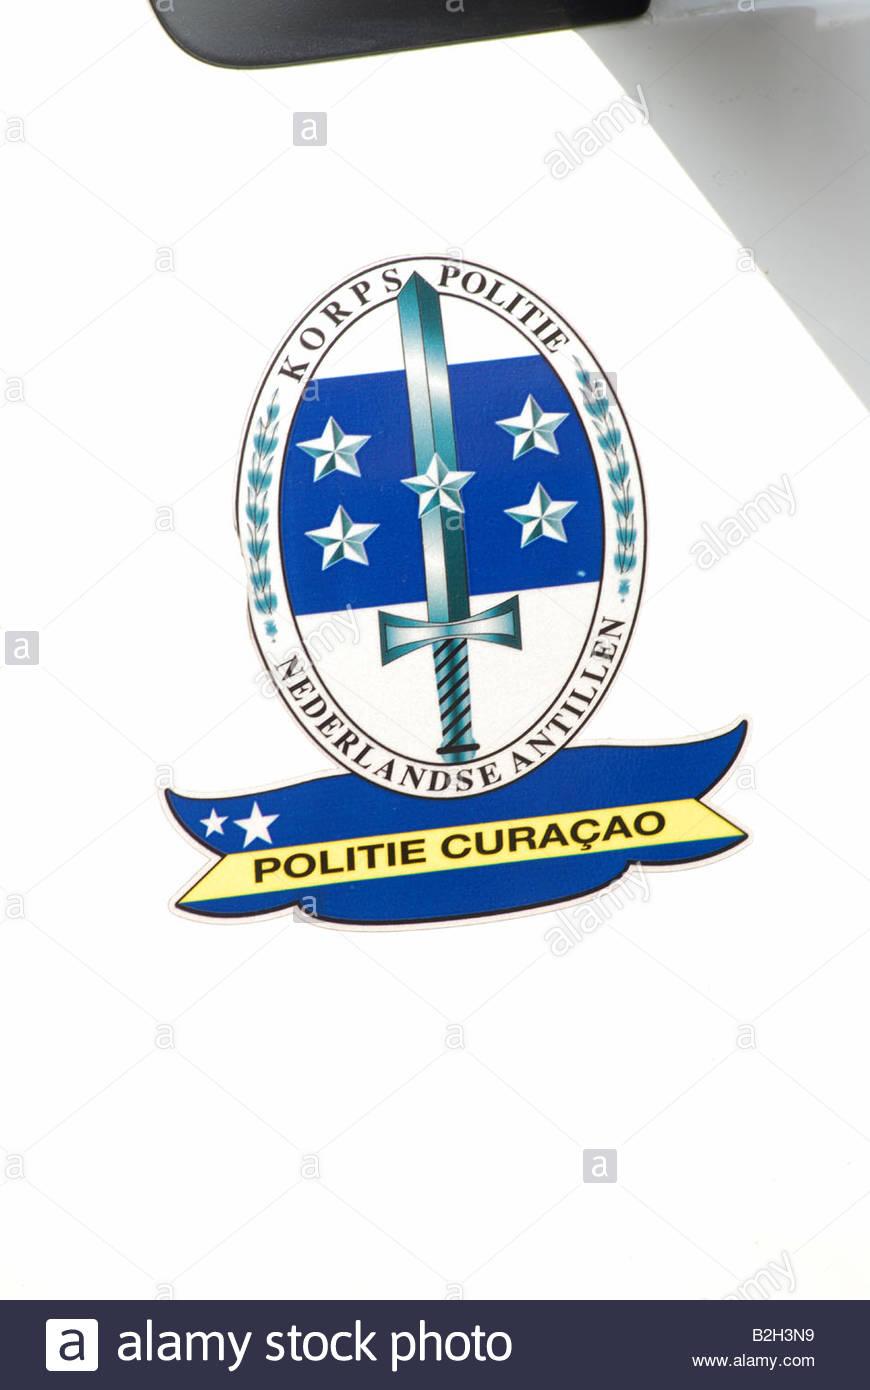 Polizei-Abzeichen Korps Politie Nederlanse Antillen Curacao, Niederländische Antillen Curacao Stockbild